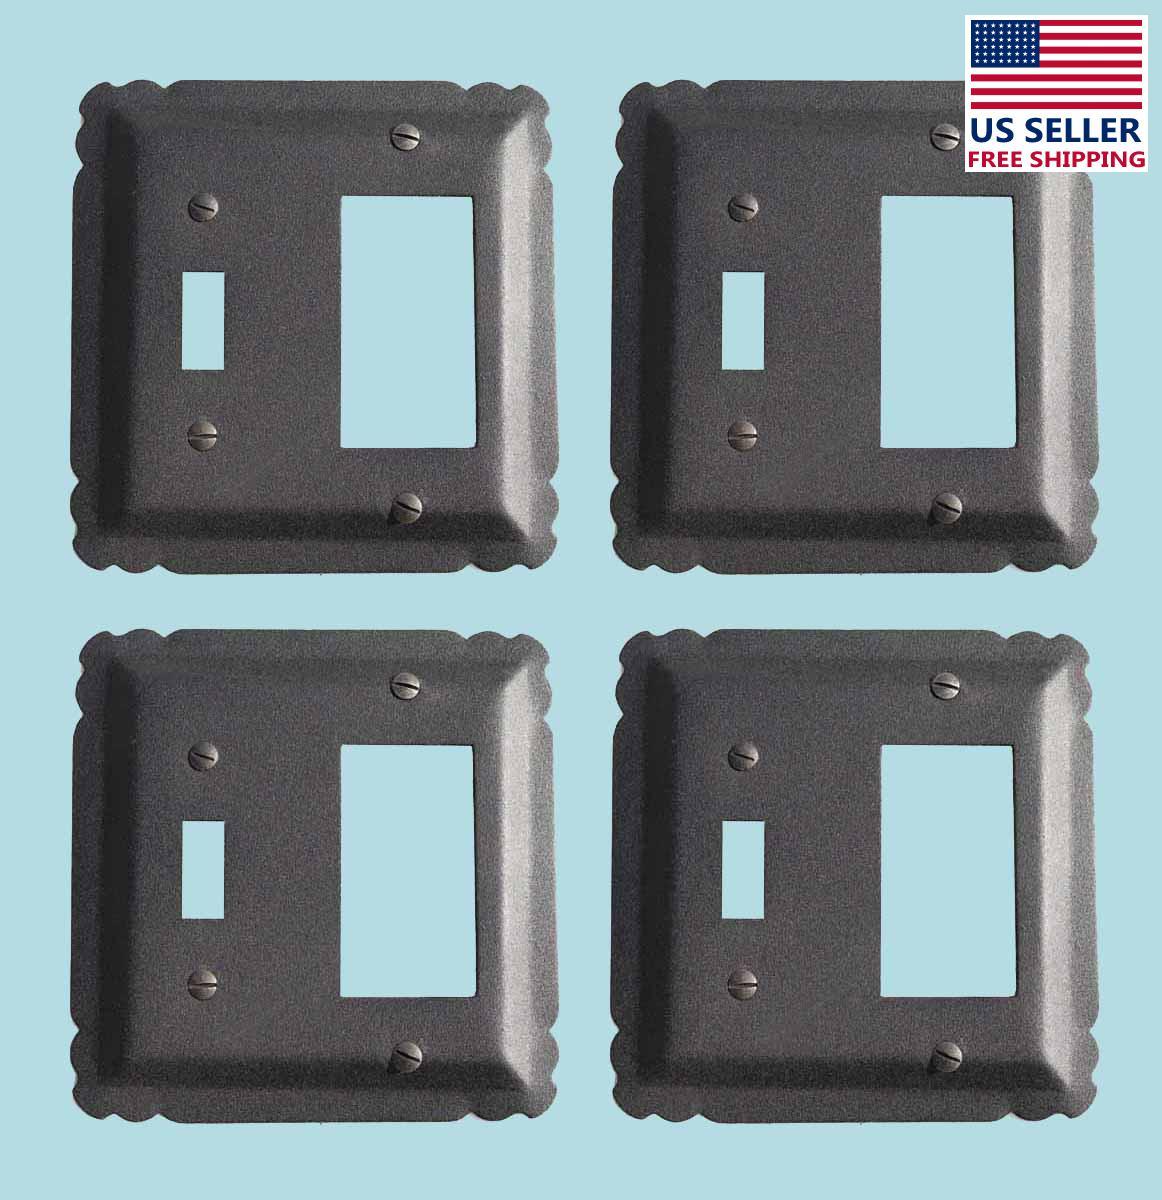 4 Switchplate Black Wrought Iron GFI/Toggle 5 1/4 | Renovators Supply 2